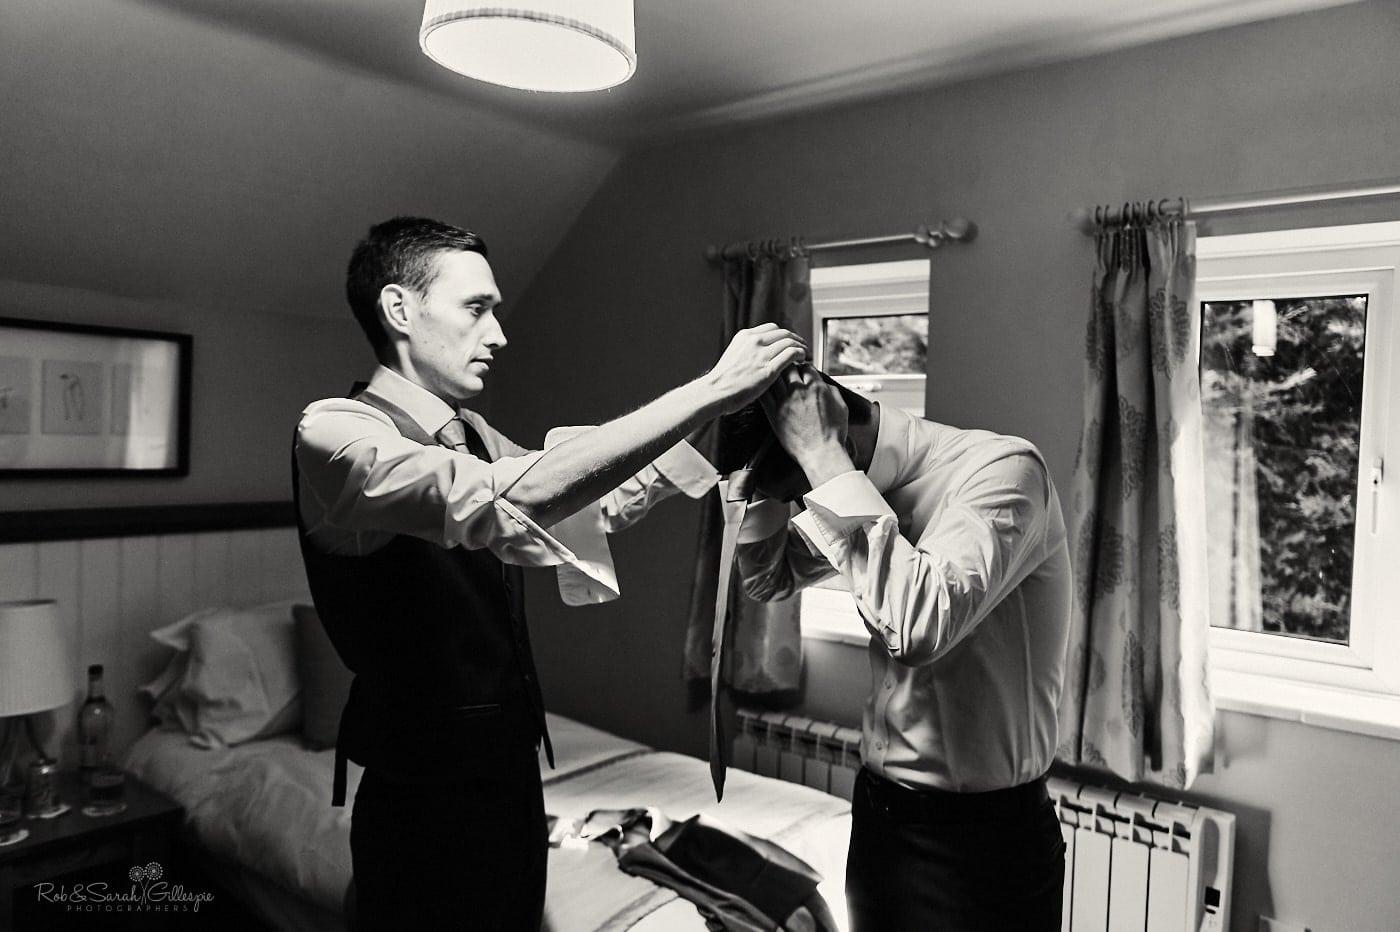 Groom helps best man fix tie